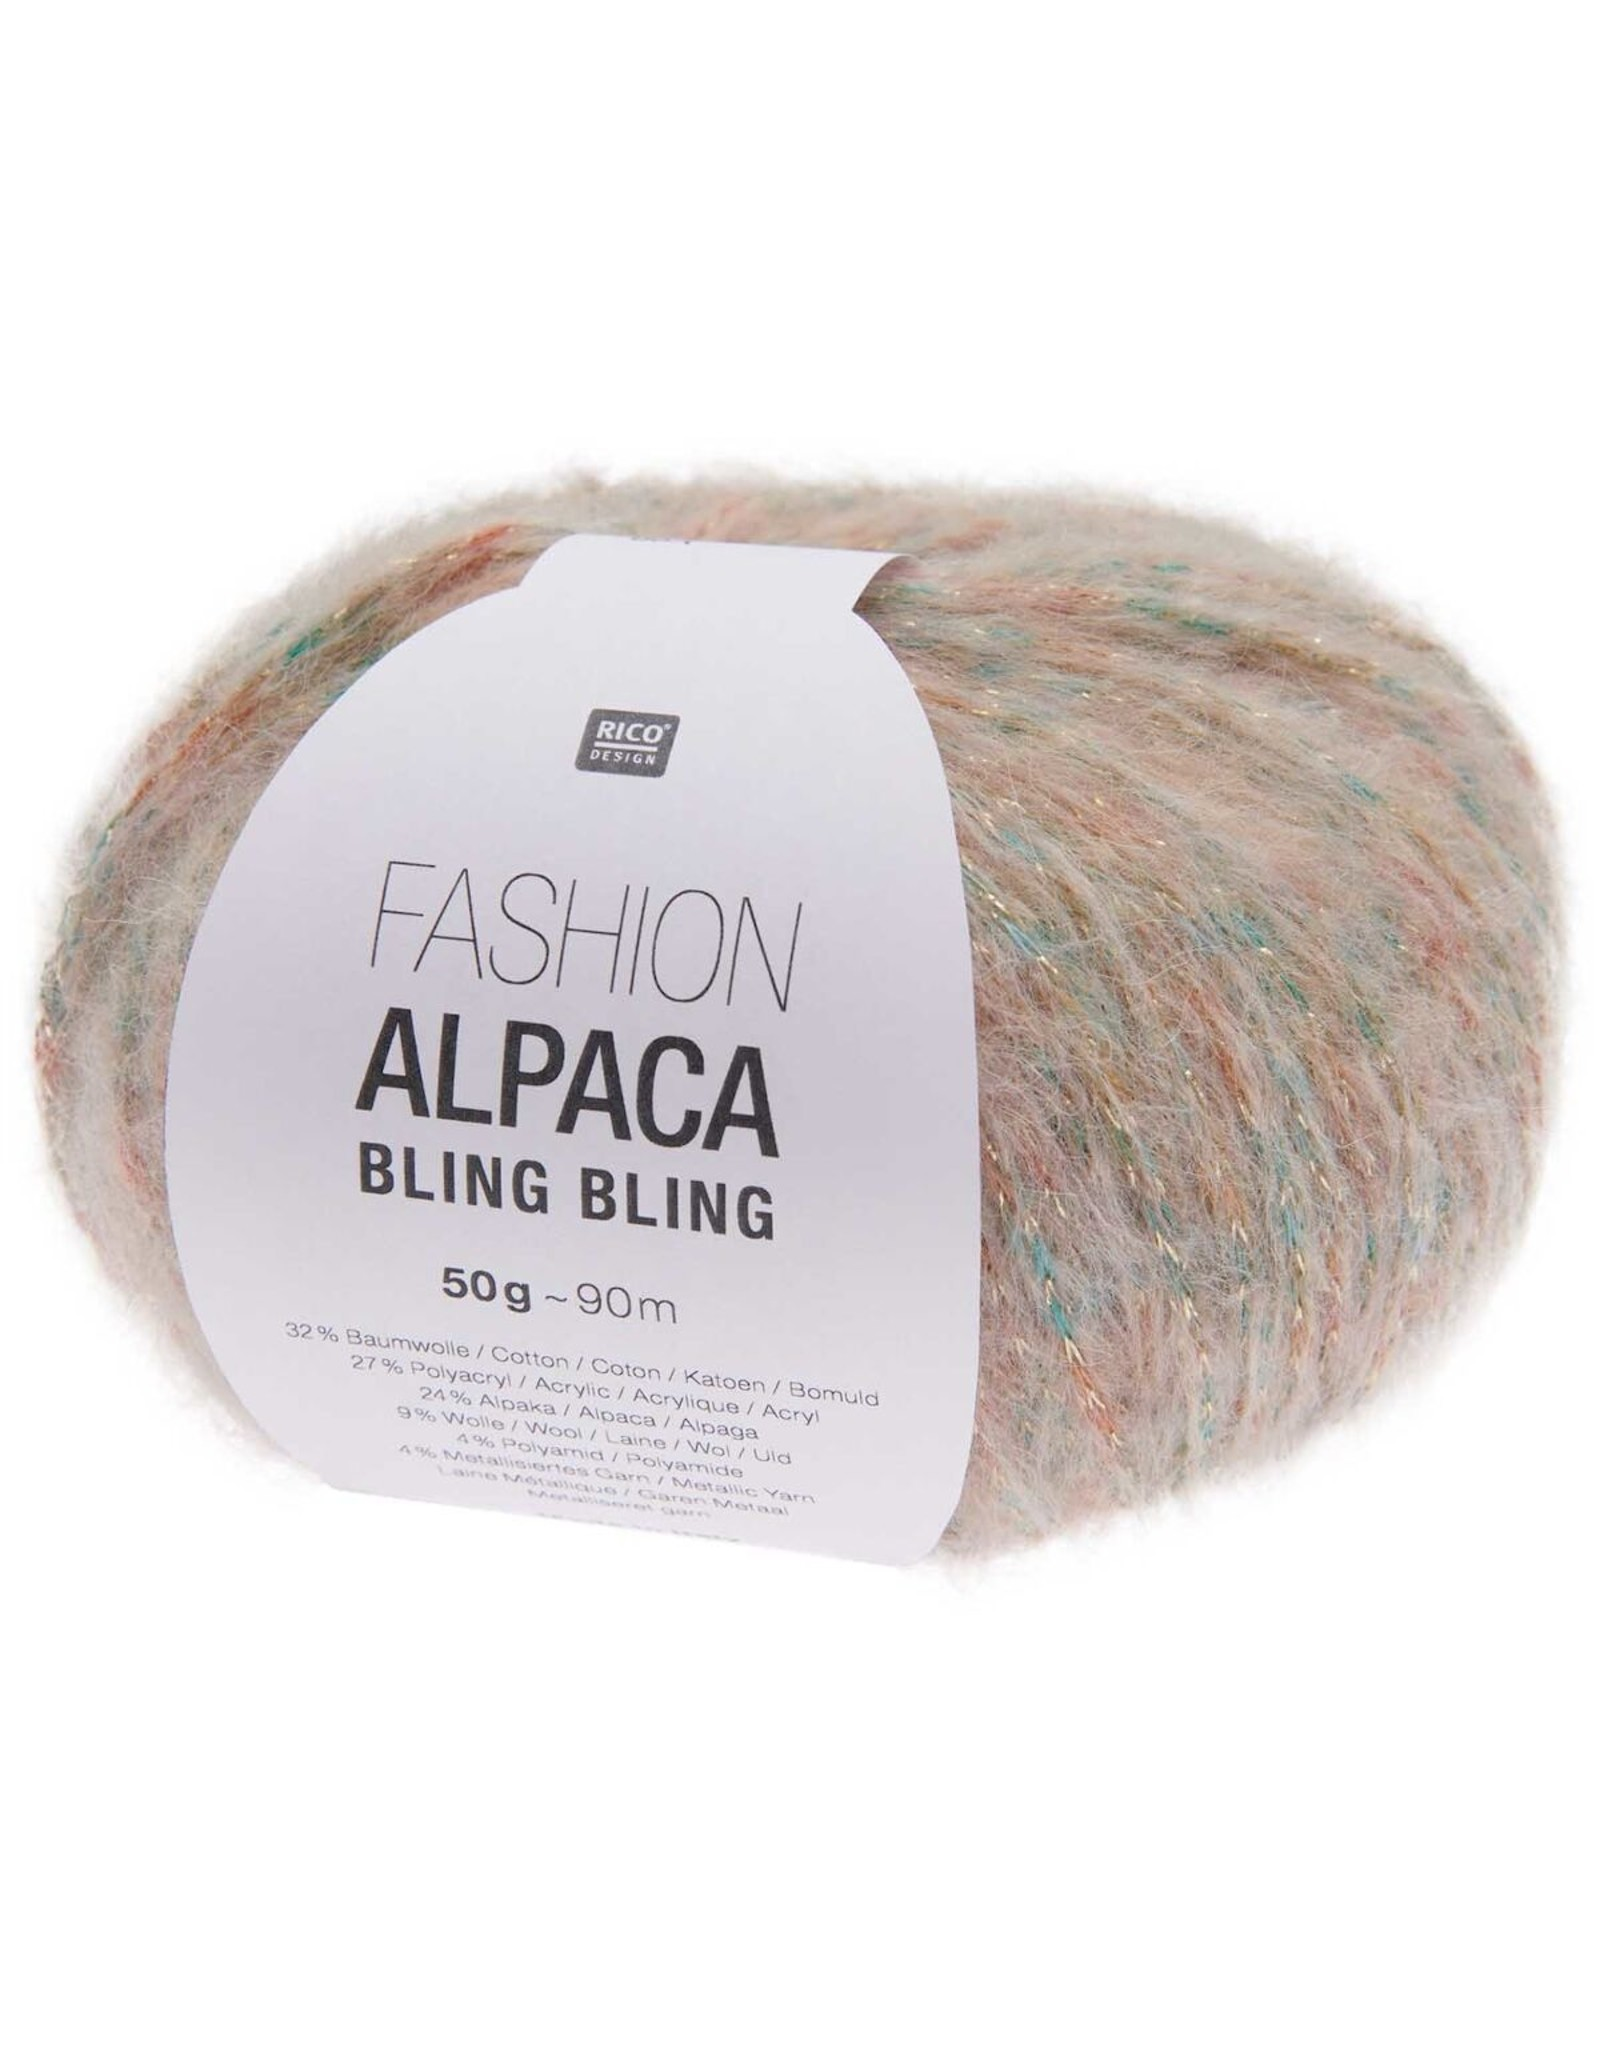 Rico Rico Fashion Alpaca Bling Bling